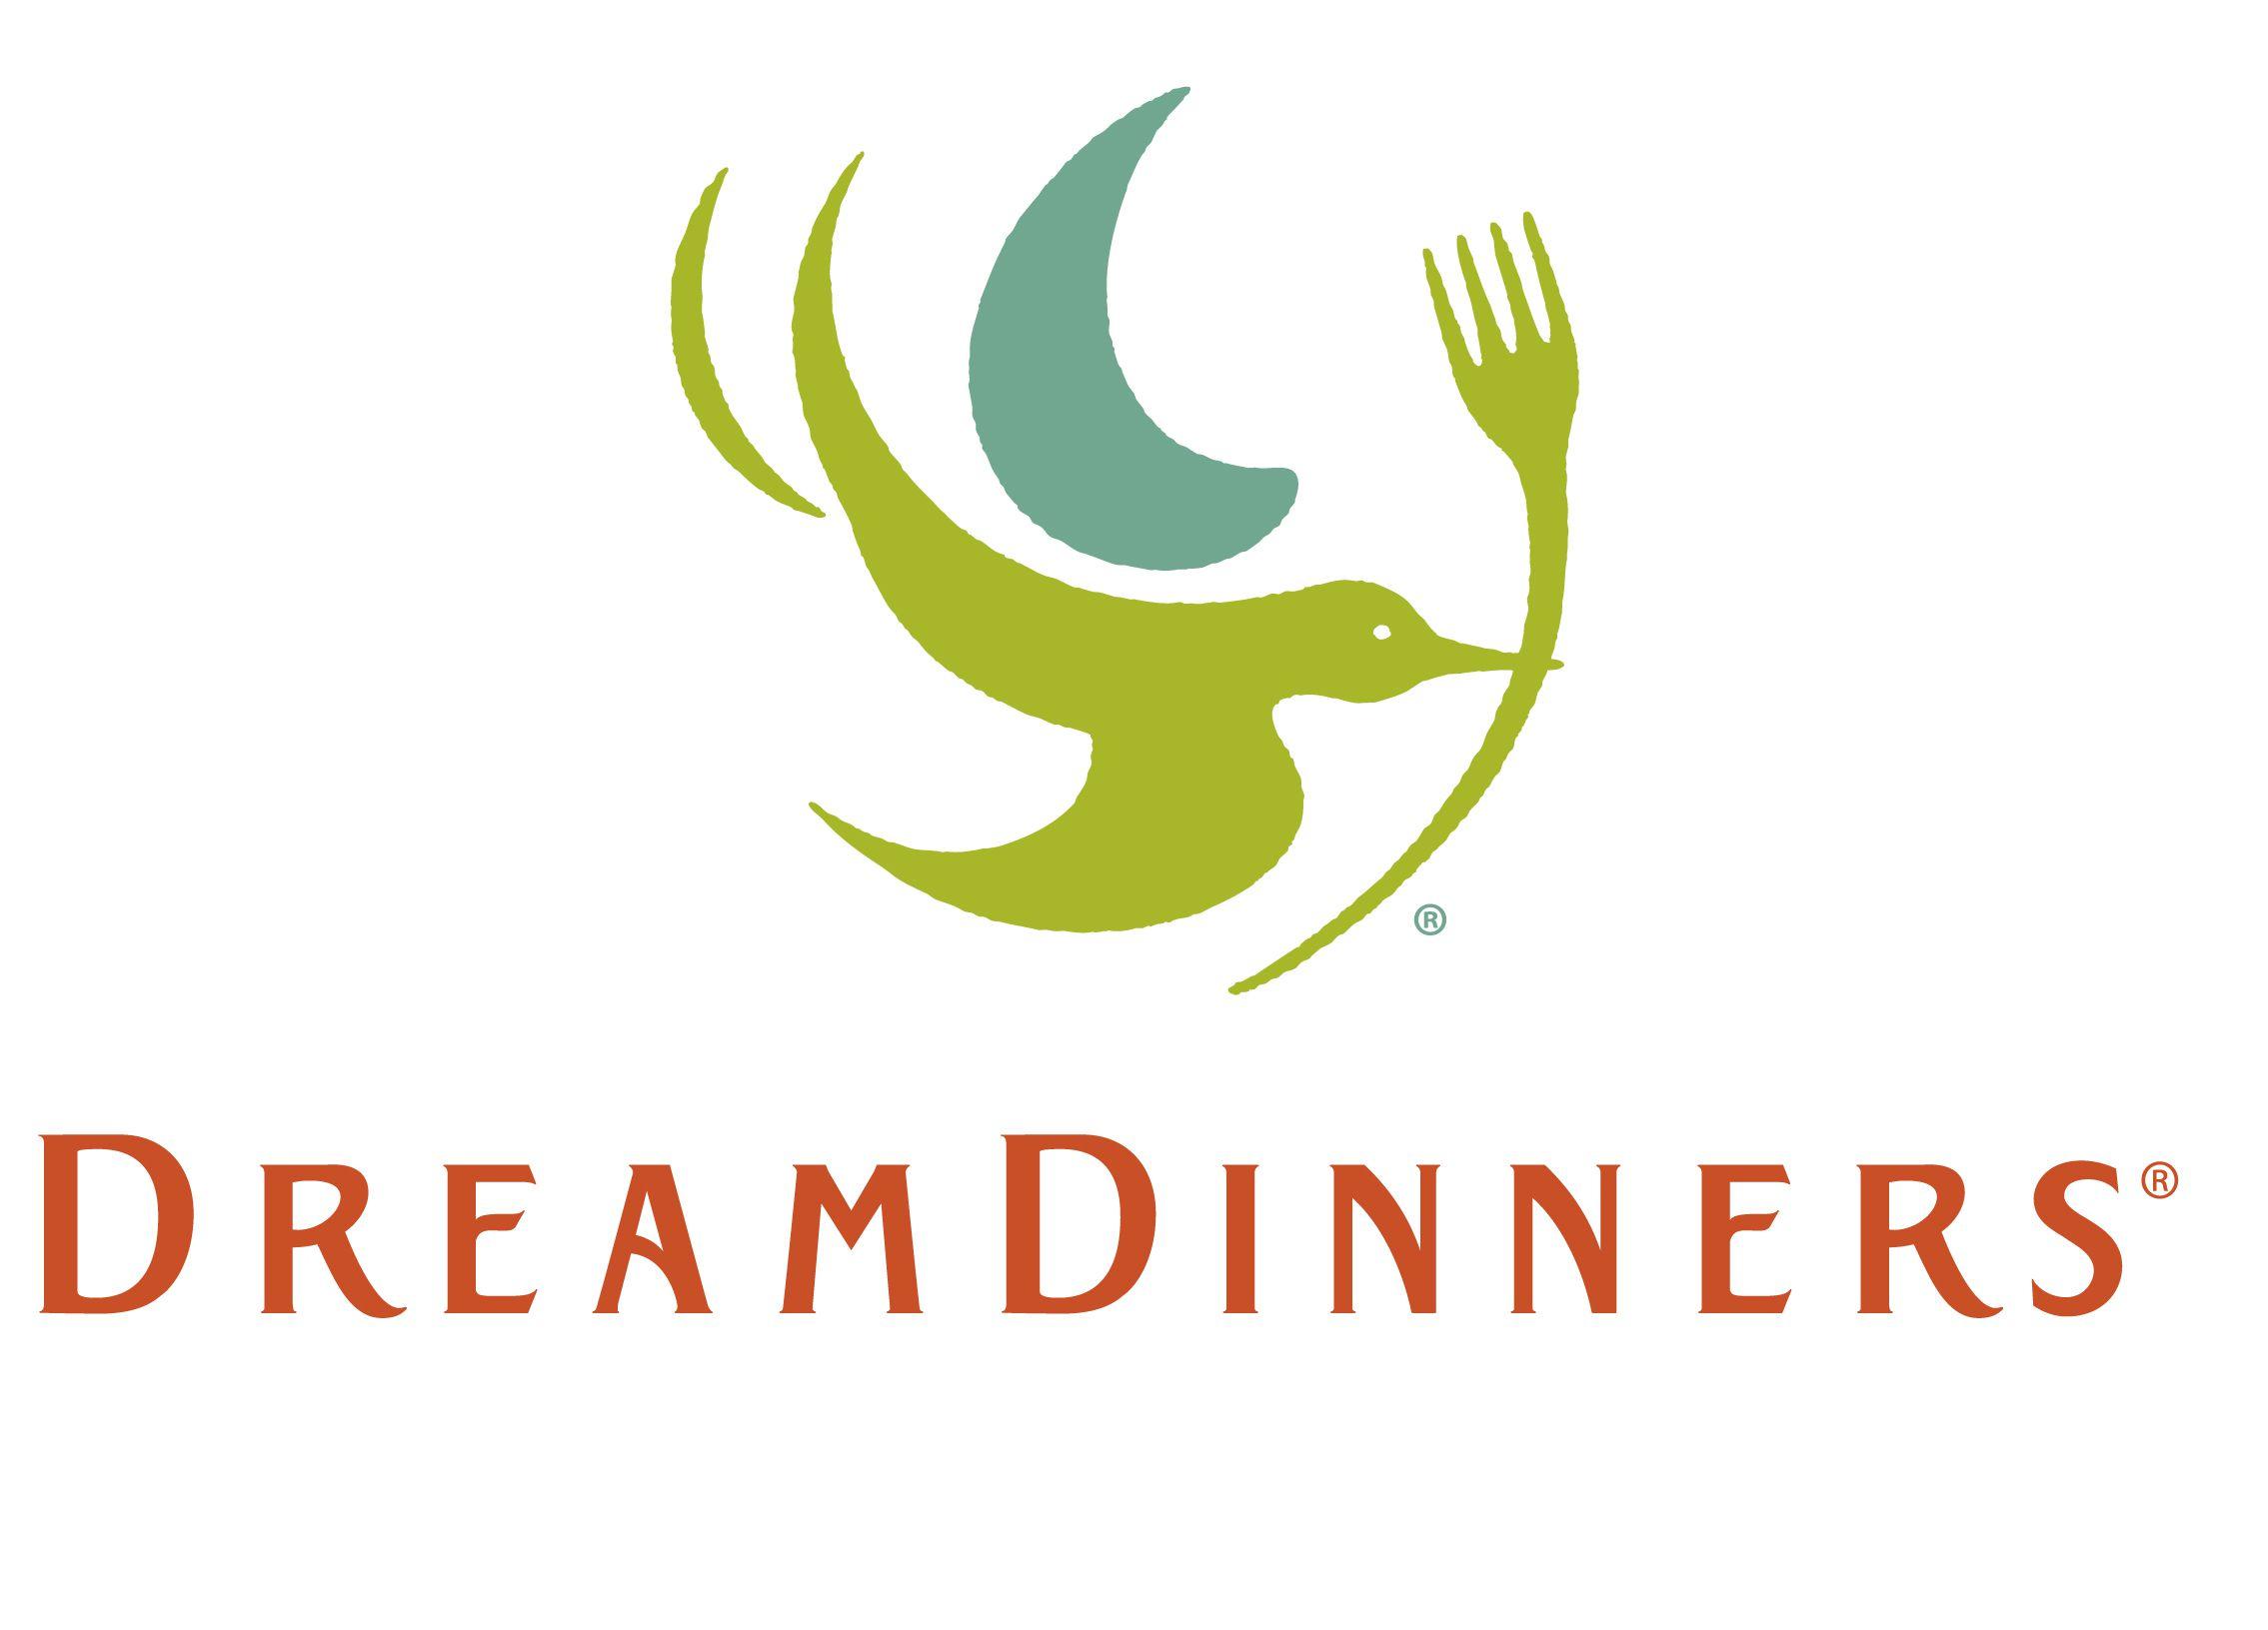 DreamDinnersLogo_vr2